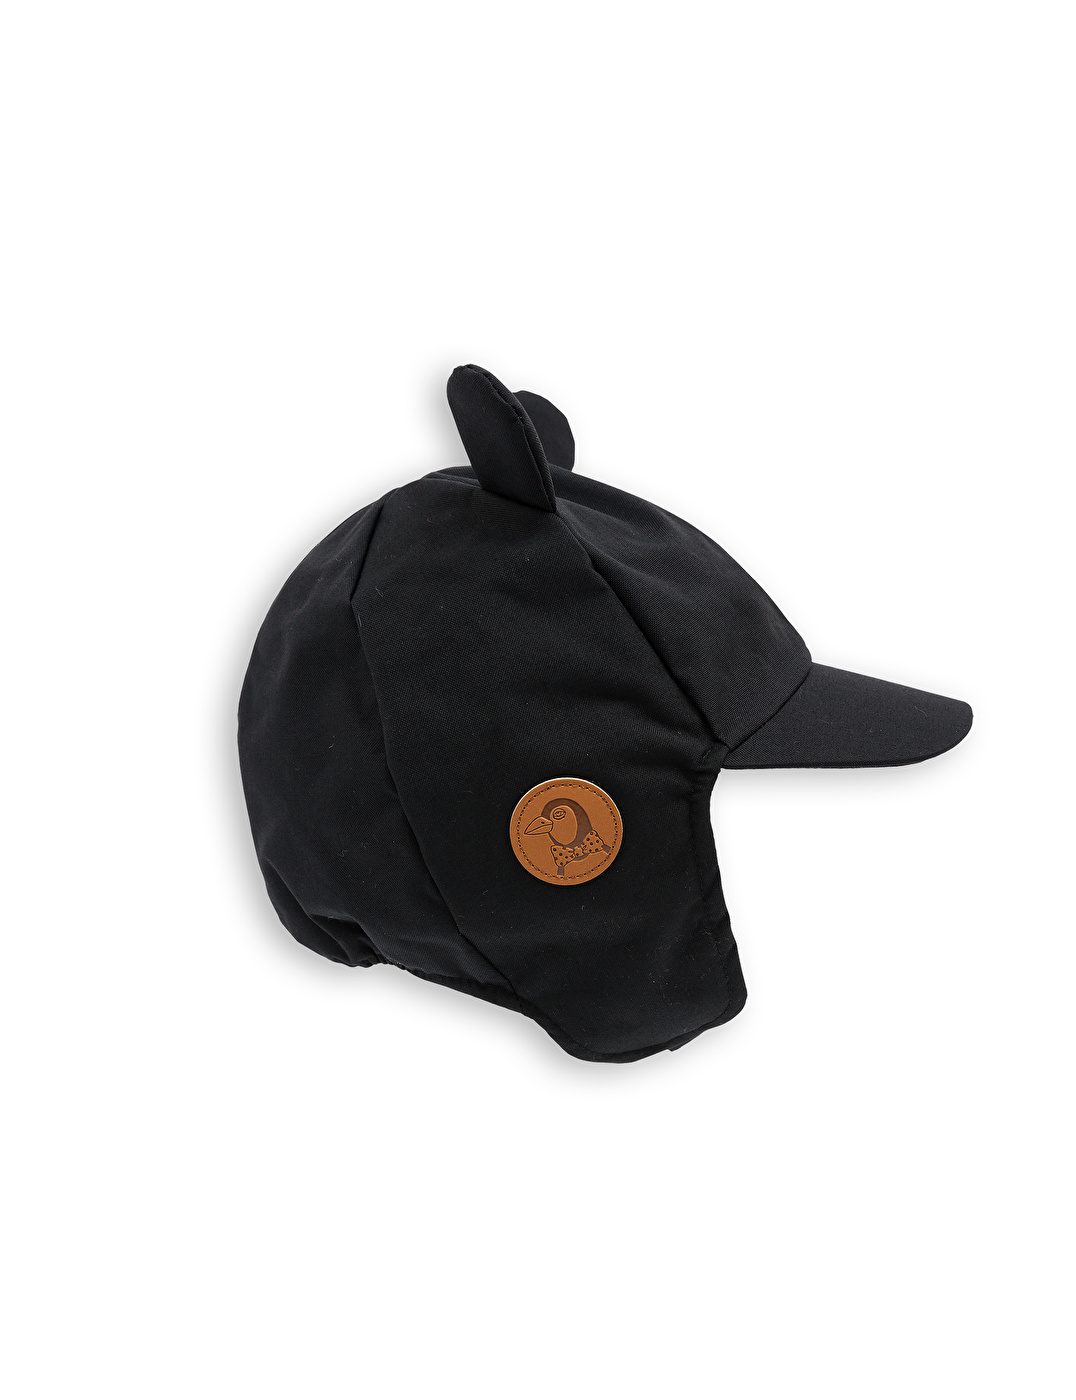 1776511699-2-mini-rodini-alaska-ear-cap-black